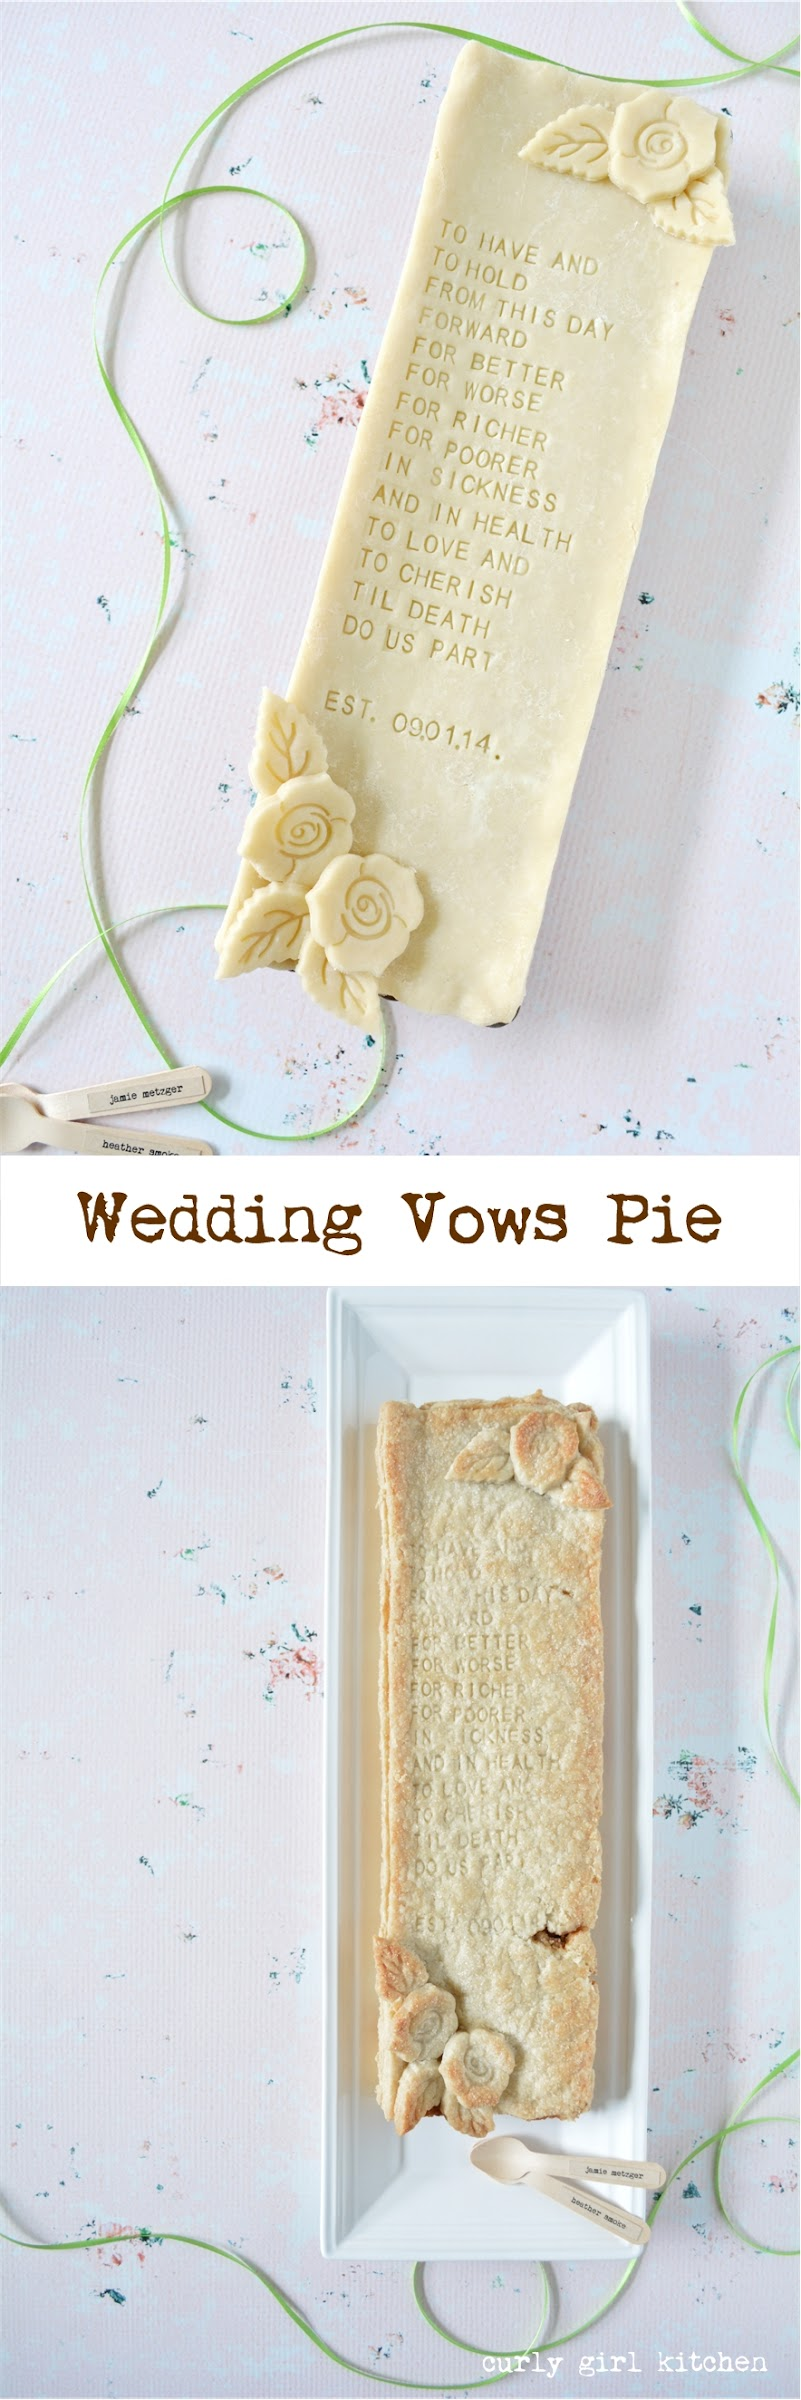 Wedding Vows, Pie, Pie Decorating Ideas, Wedding Pie, Alphabet Embossers